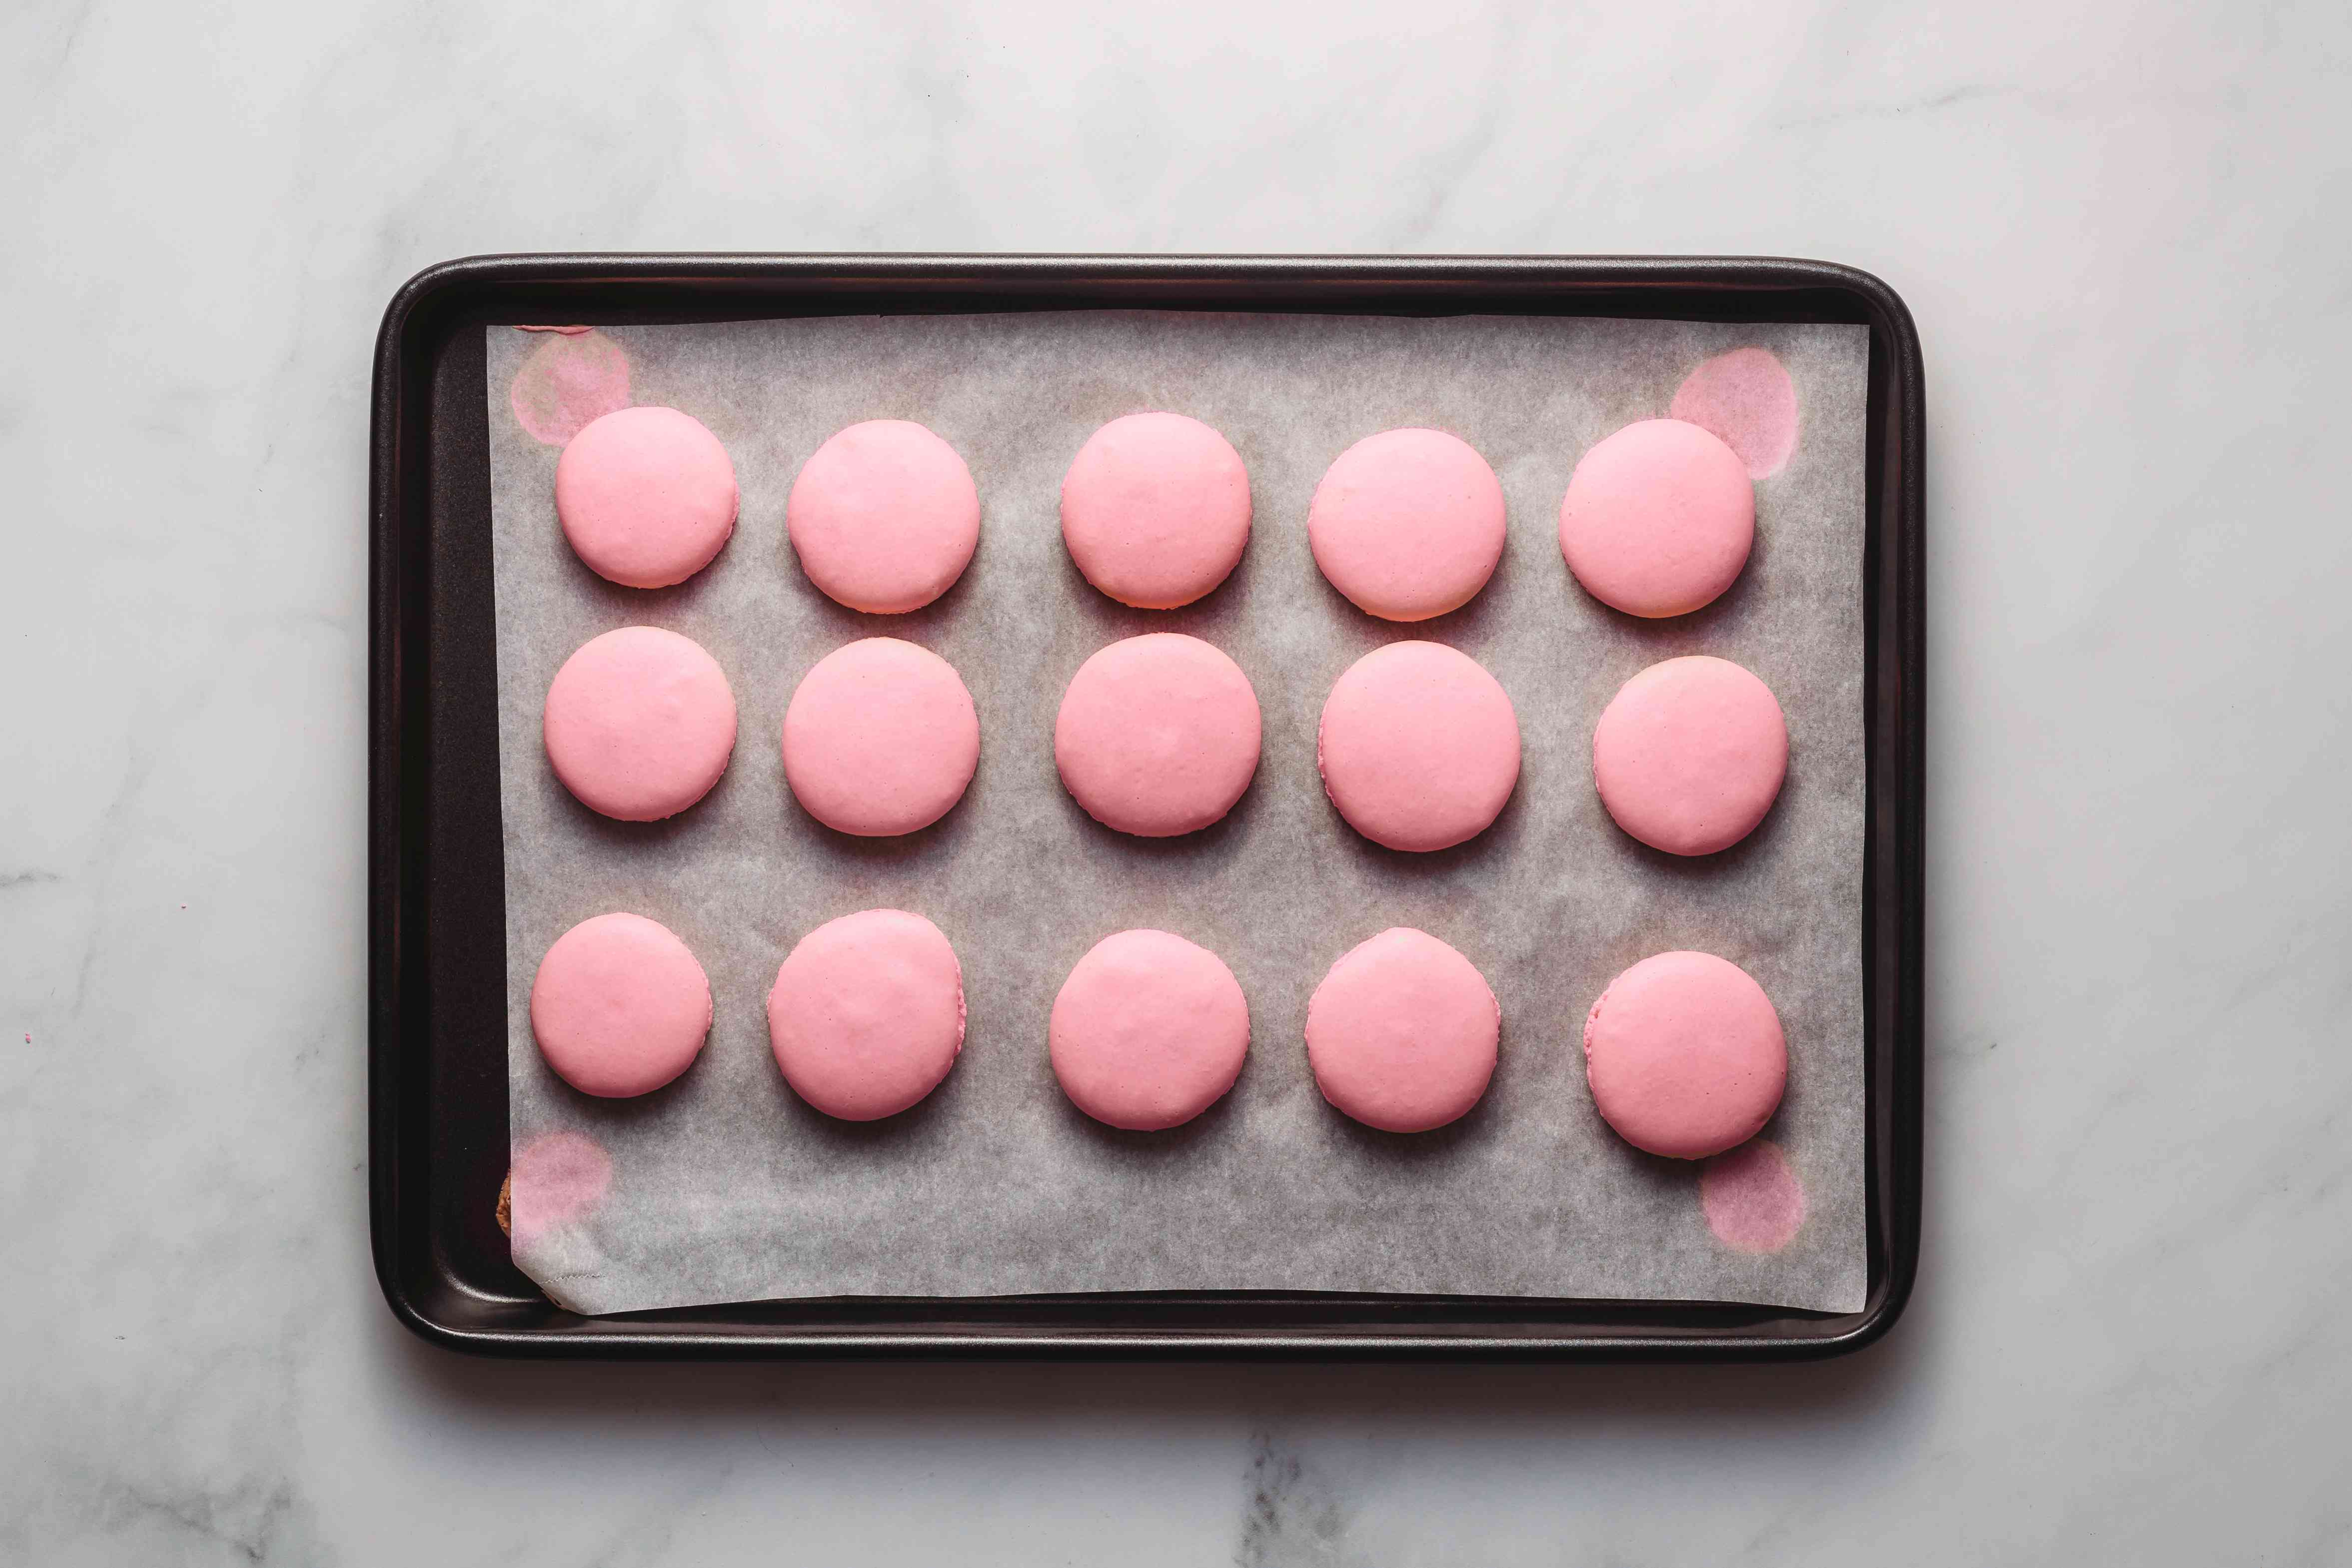 macarons on a baking sheet